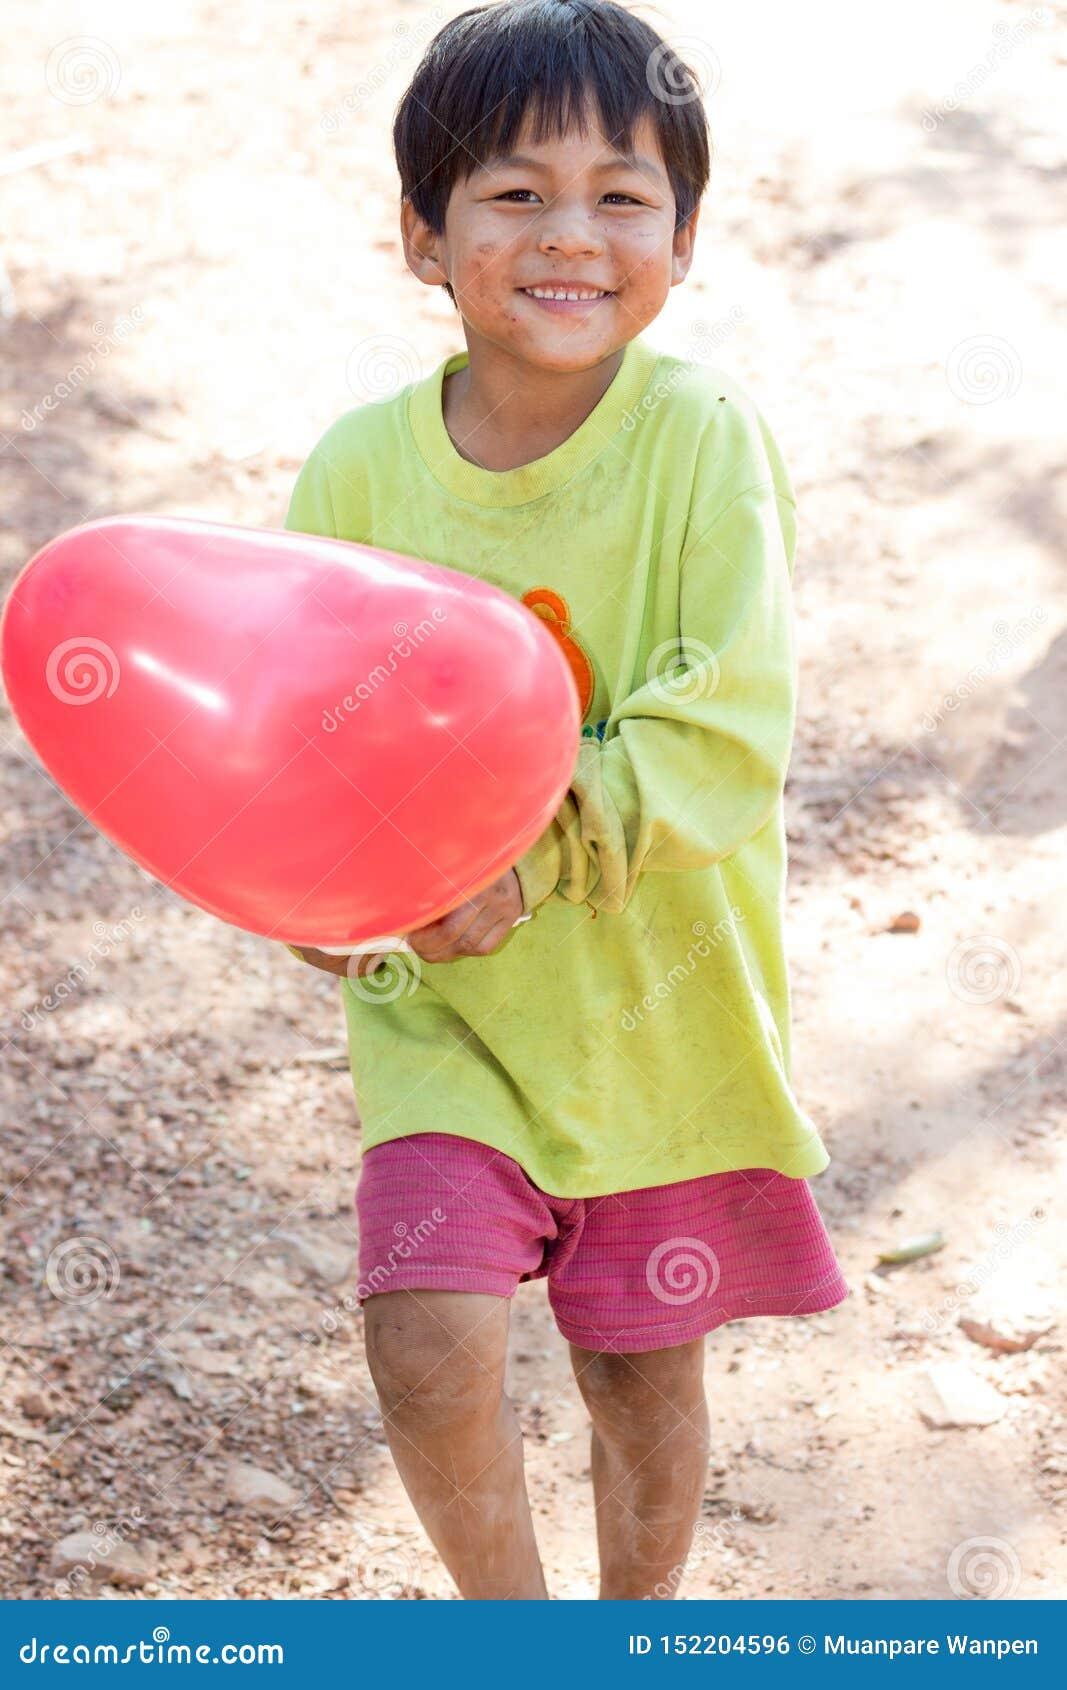 Le garçon sourit dans la main avec un ballon rouge